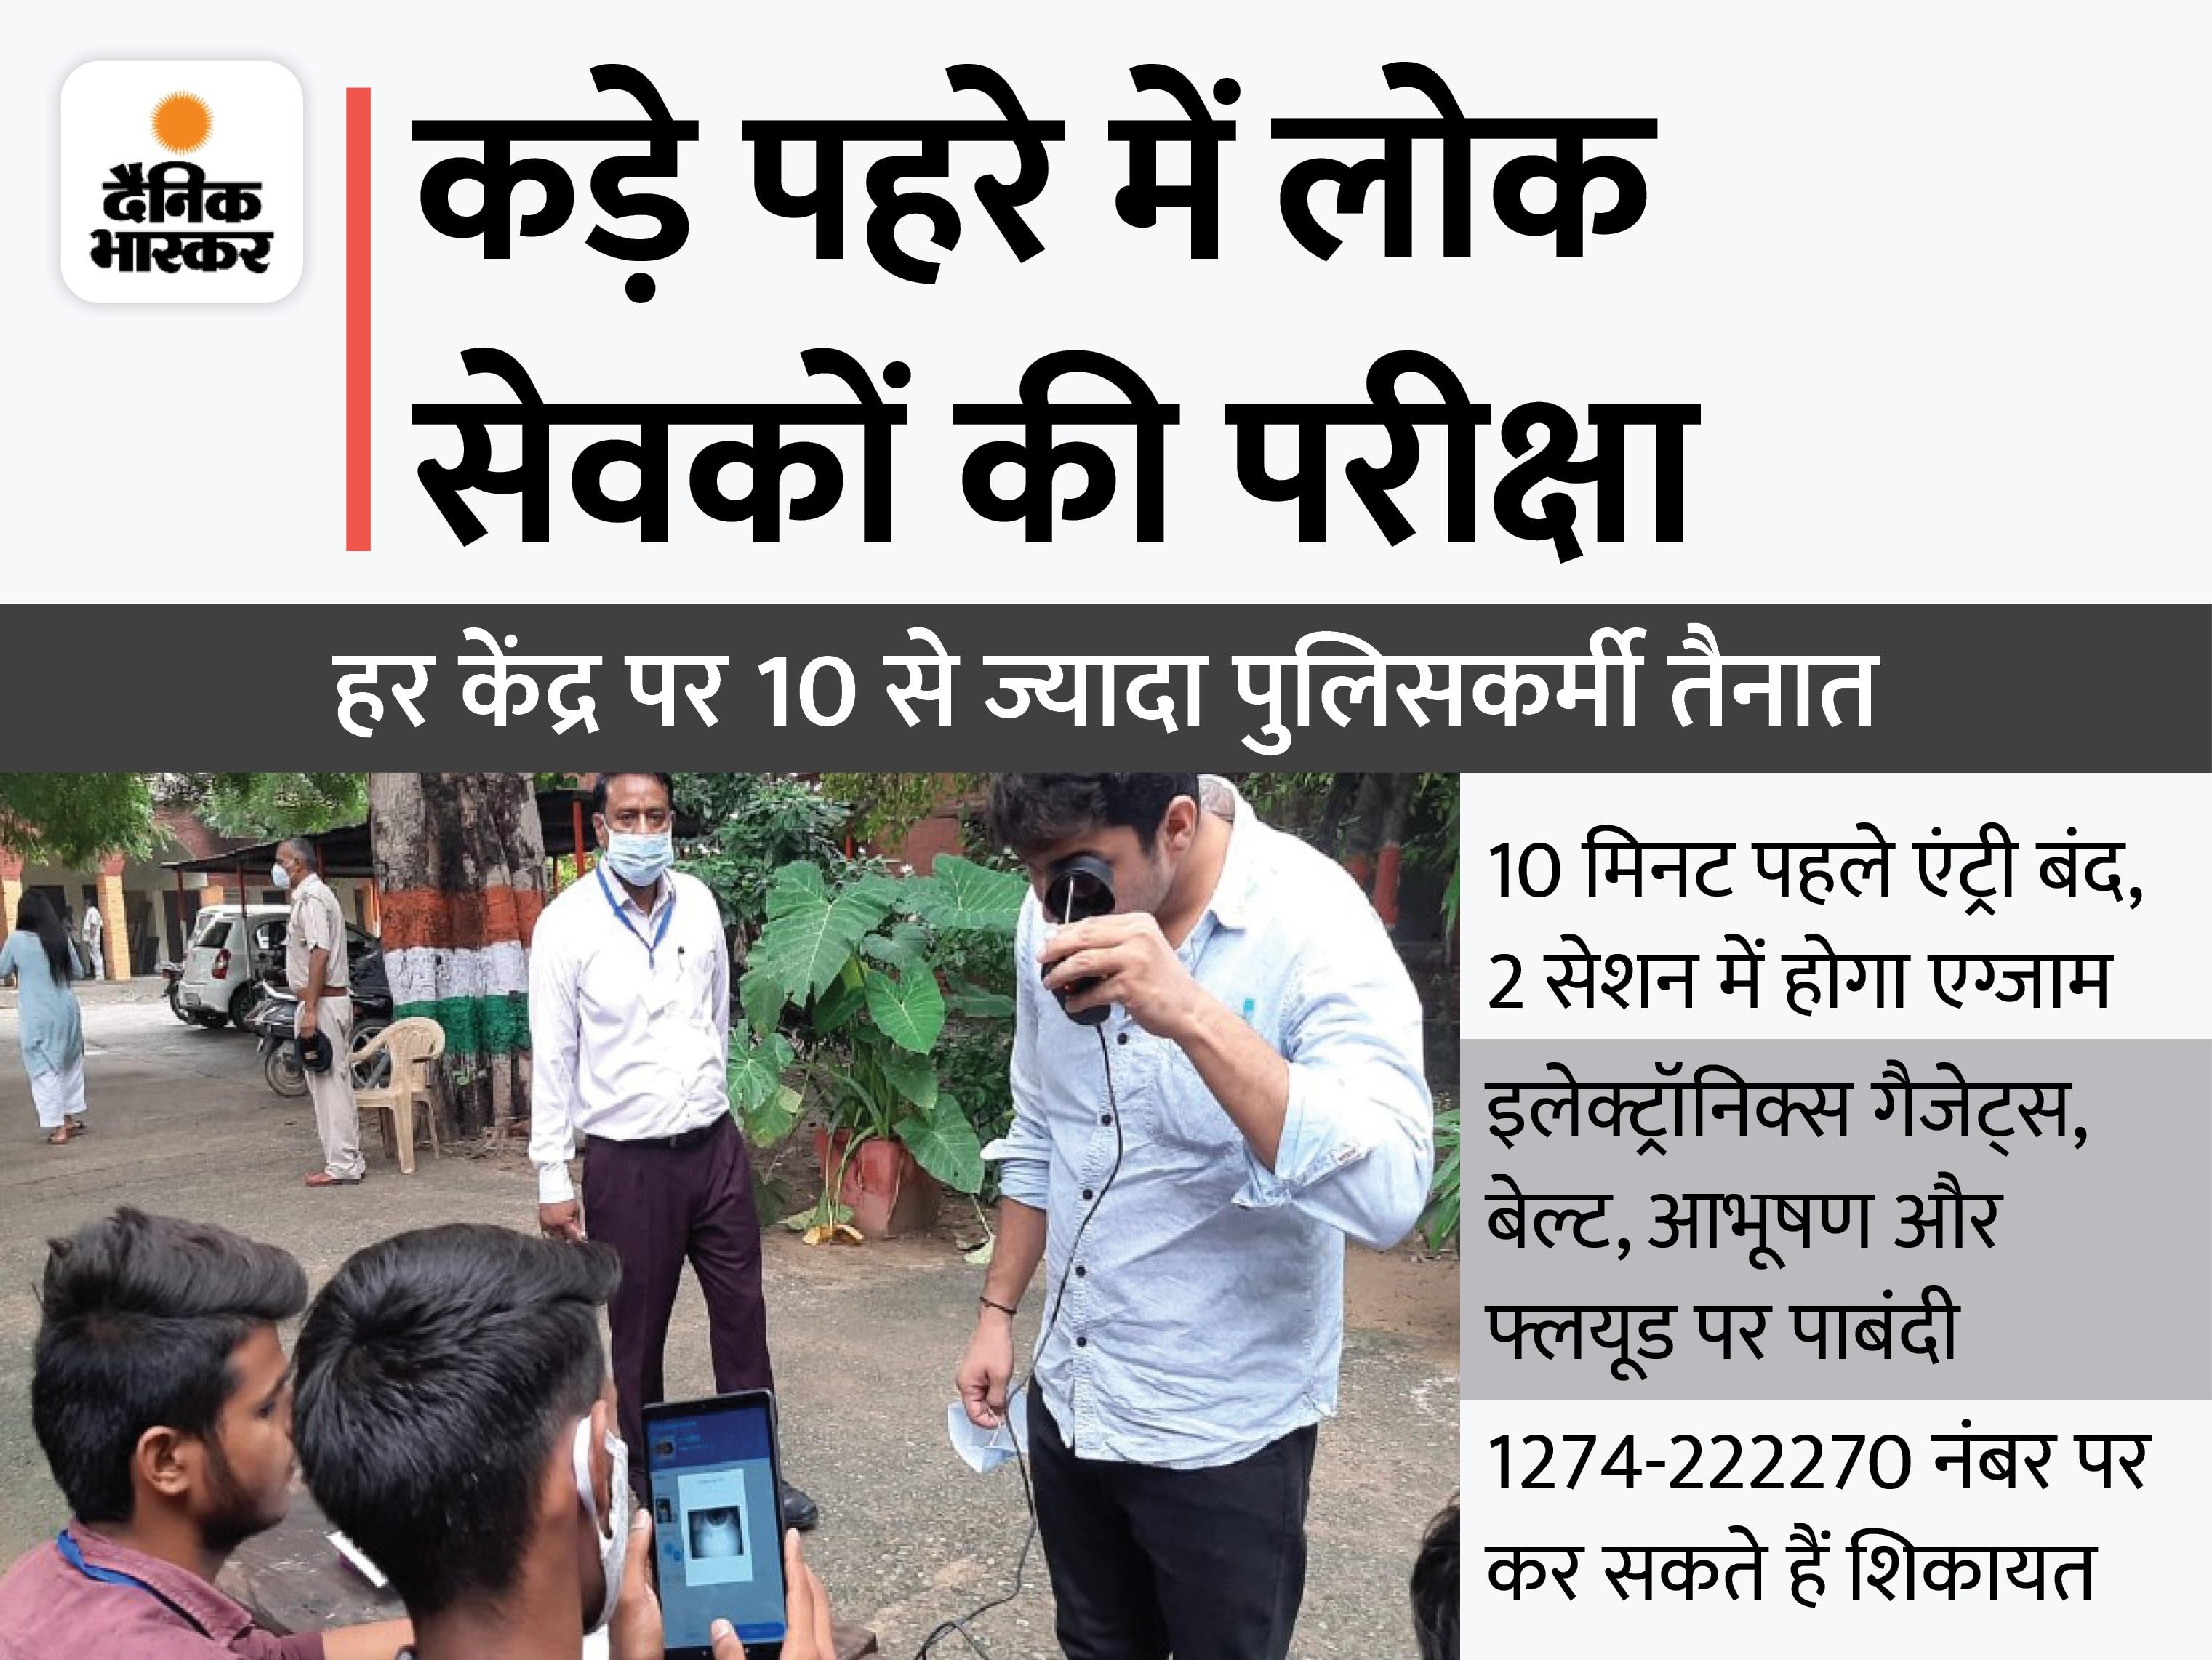 प्रदेश में डेढ़ लाख अभ्यर्थी दो शिफ्टों में बैठे, कहीं पेपर लीक न हो जाए...इसलिए 9 घंटे बंद रहा इंटरनेट; SHO और DSP ने की निगरानी|रेवाड़ी,Rewari - Dainik Bhaskar